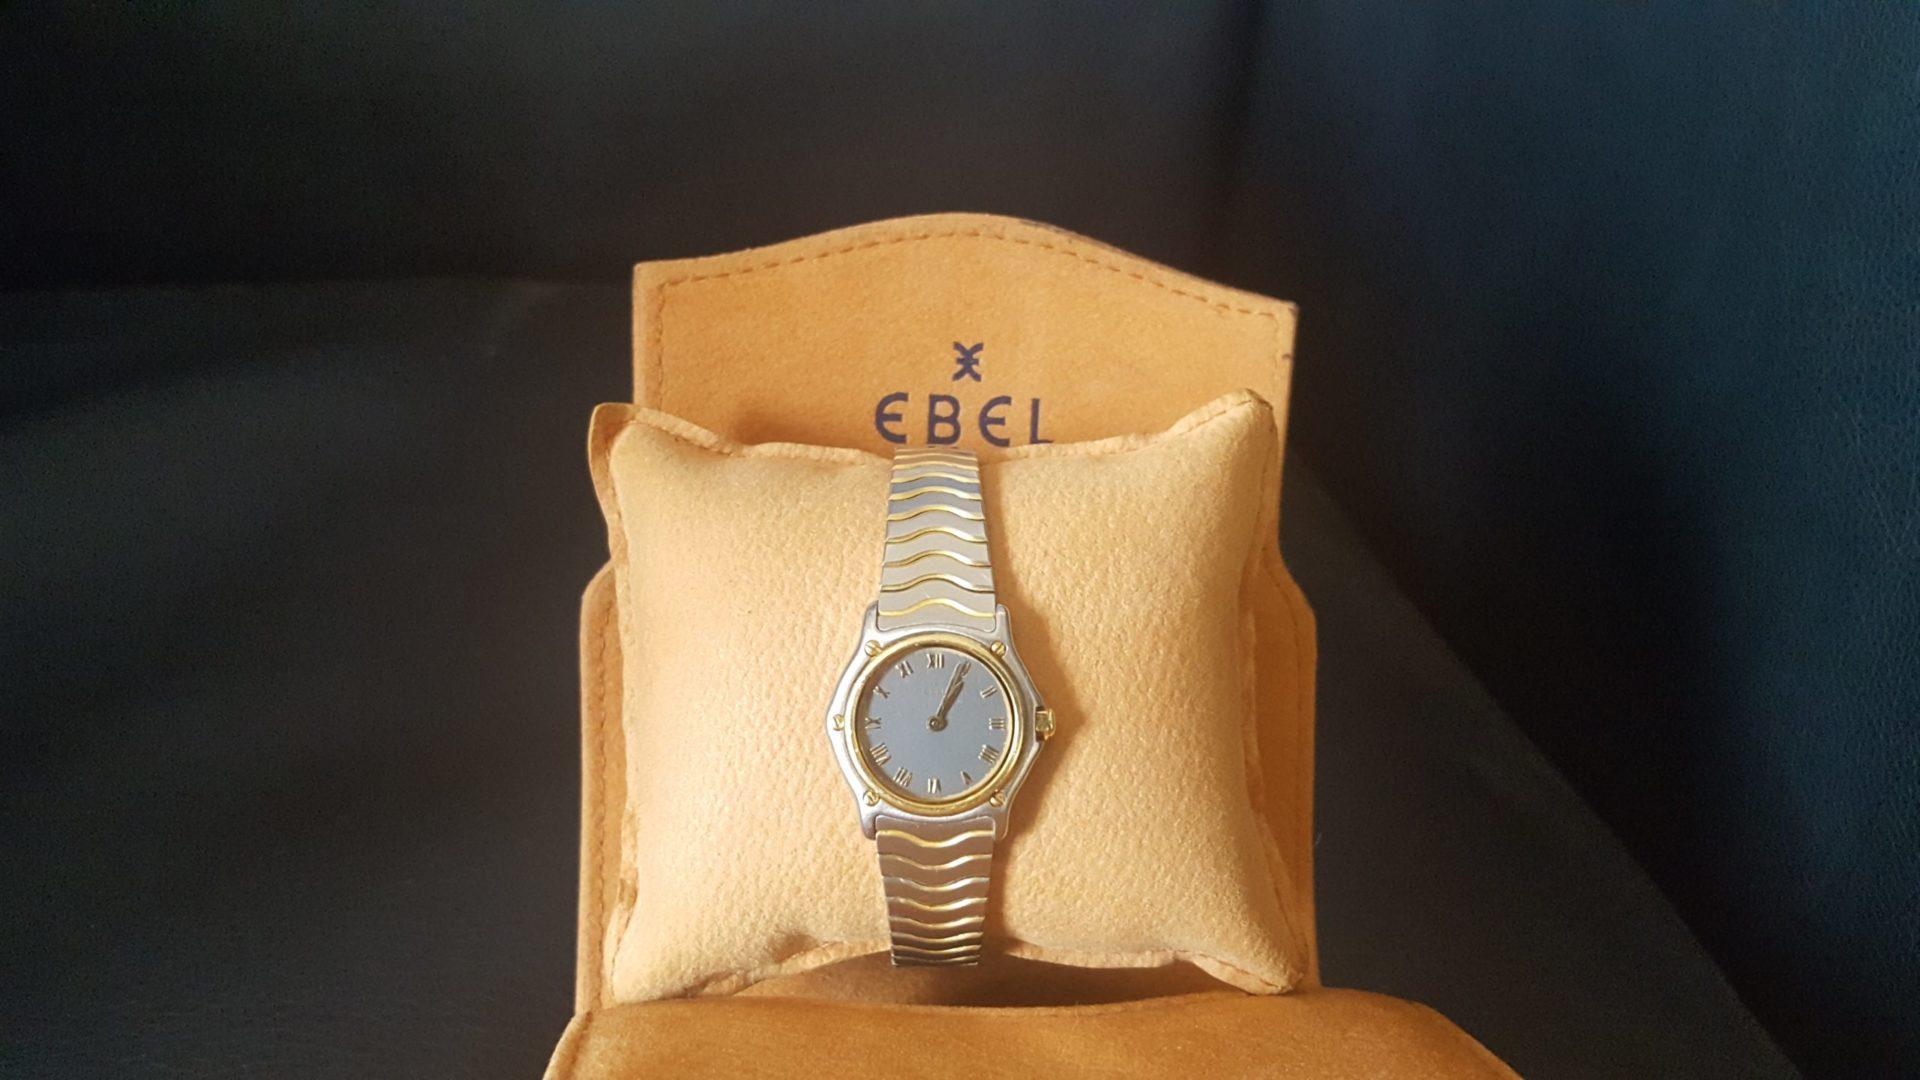 ebel-2018-1